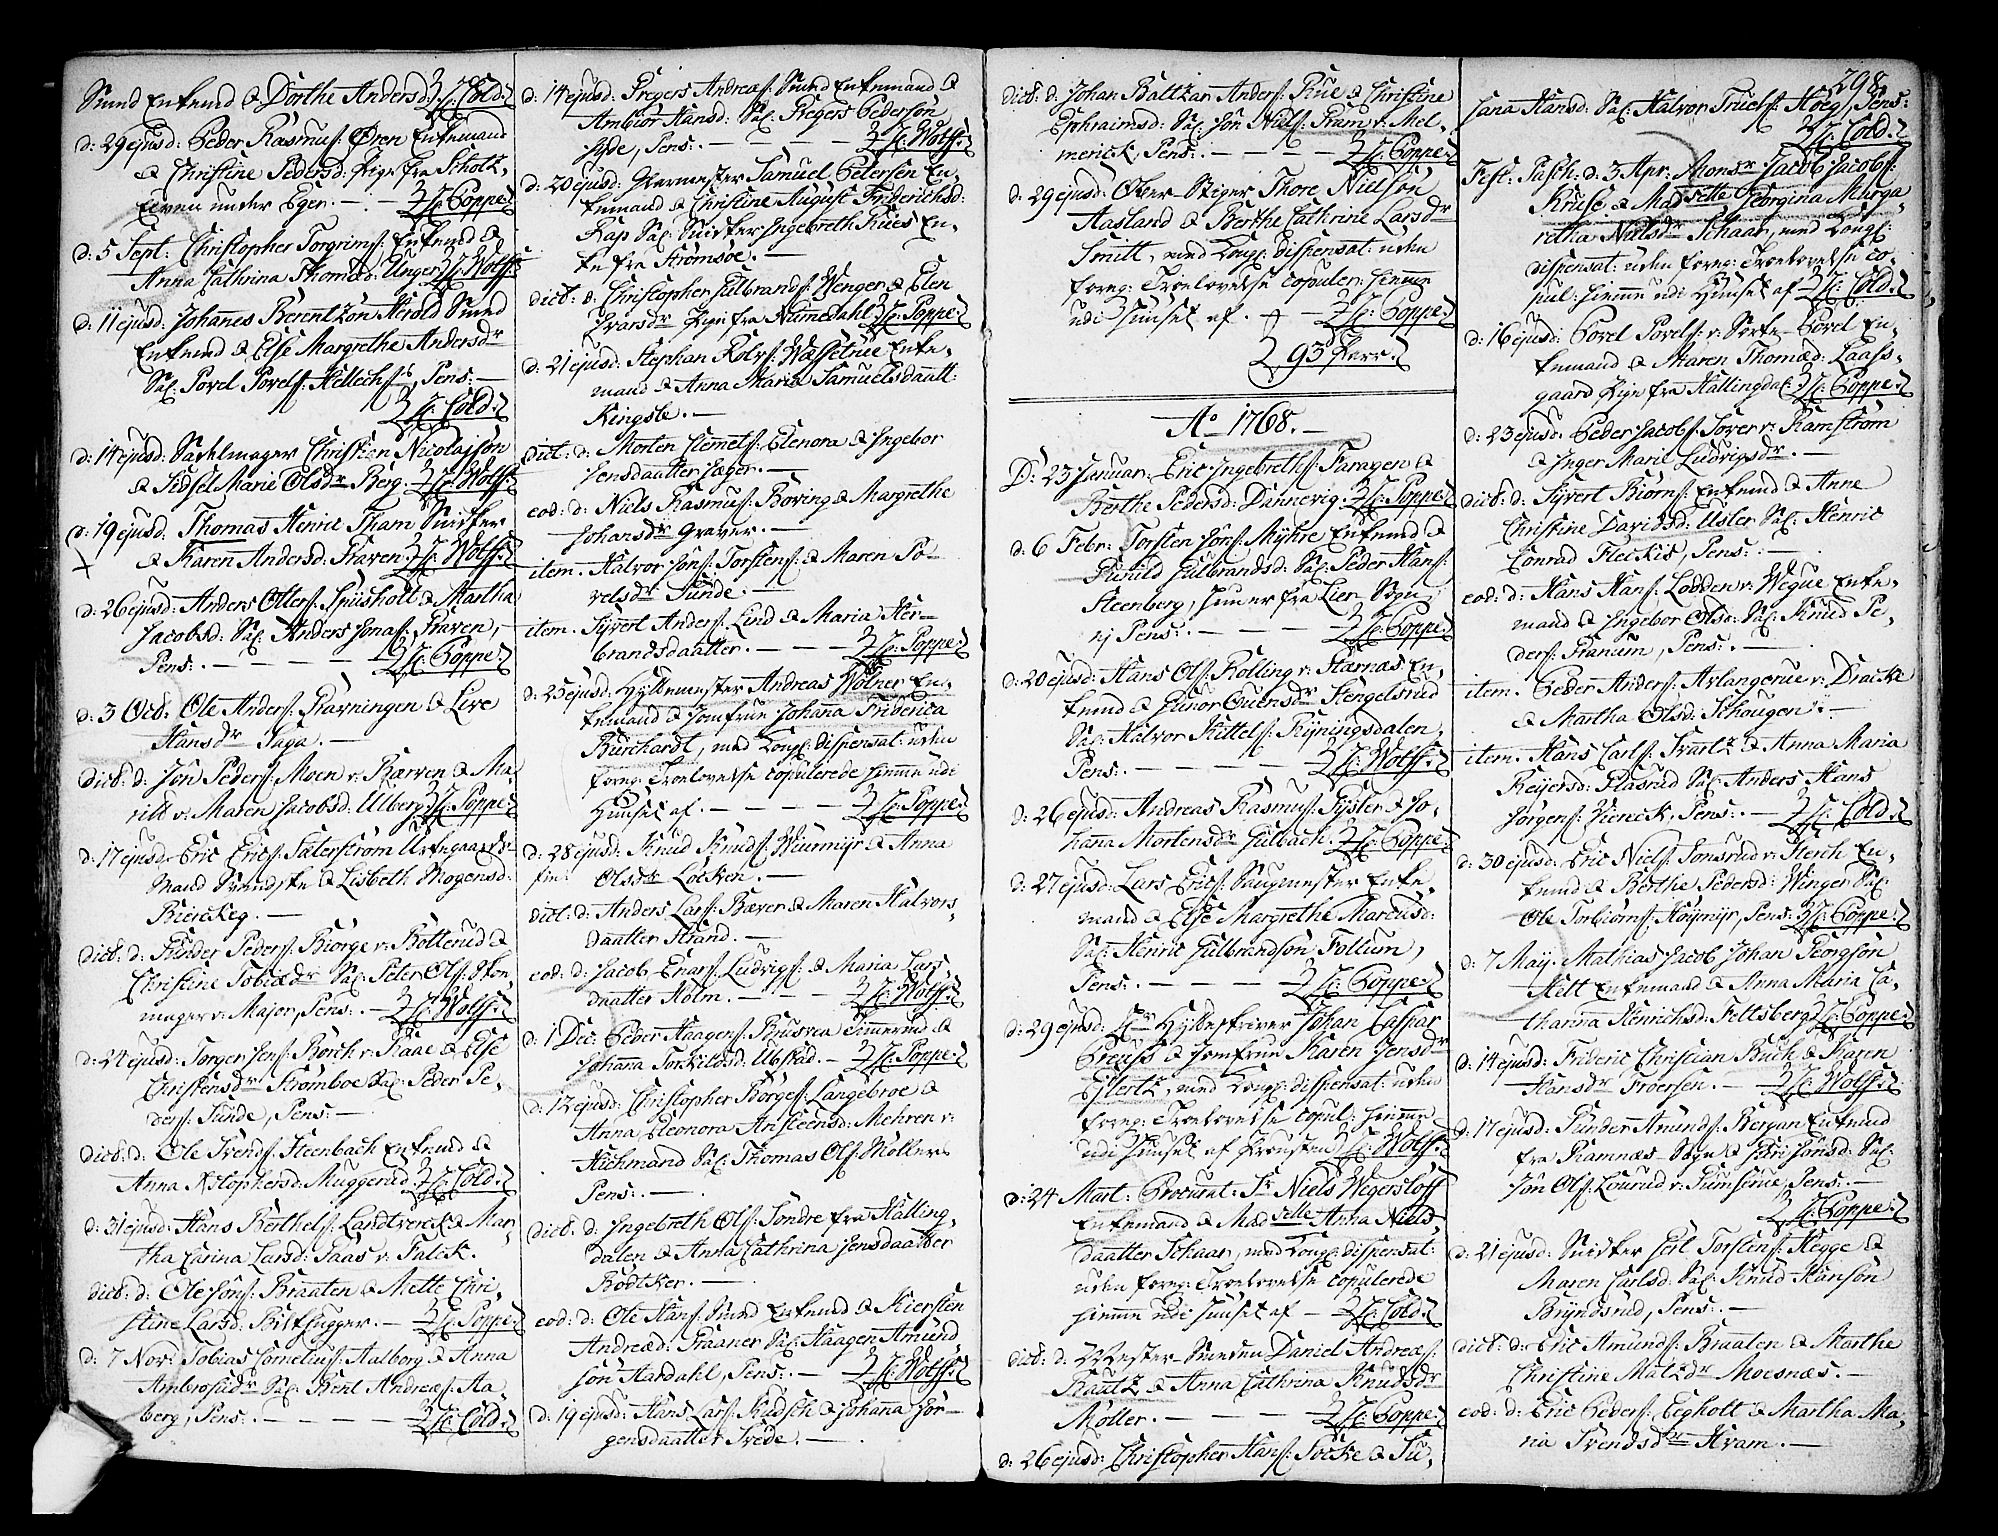 SAKO, Kongsberg kirkebøker, F/Fa/L0004: Ministerialbok nr. I 4, 1756-1768, s. 298